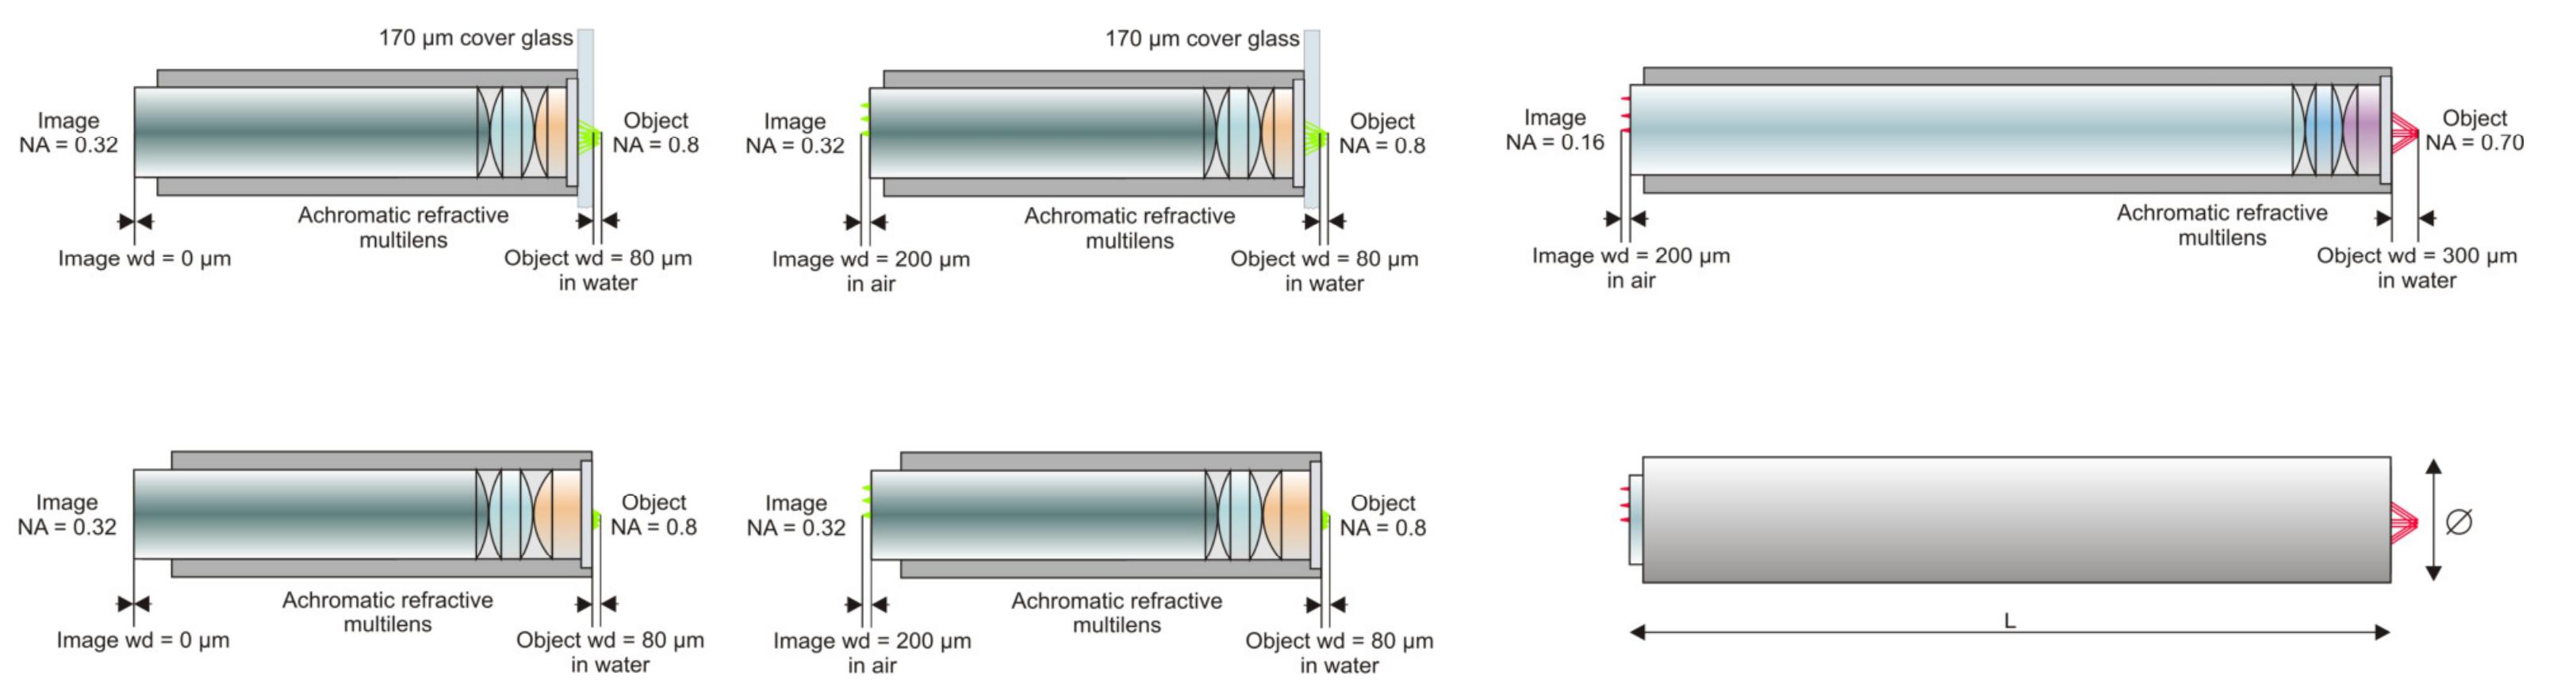 色および視野補正を用いた蛍光顕微鏡および2光子顕微鏡用高NA対物レンズ